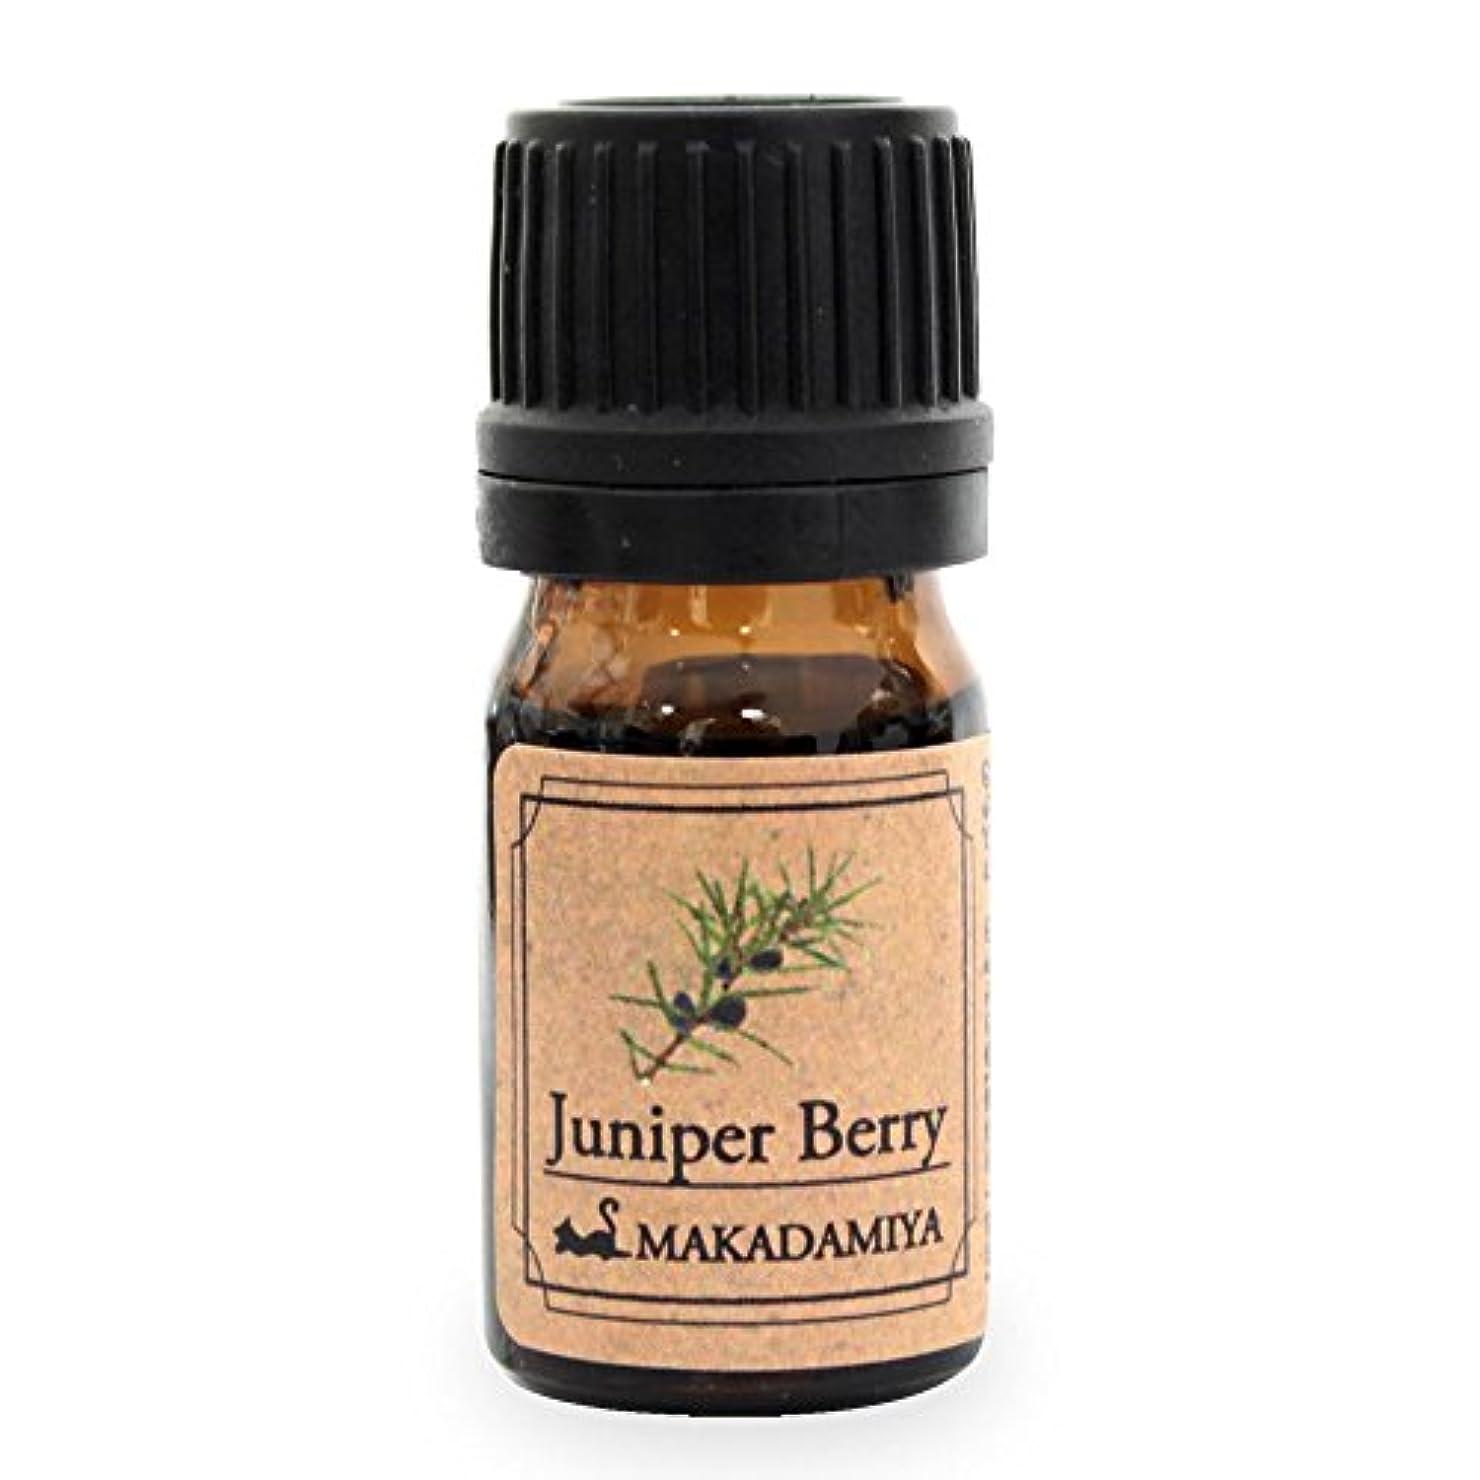 ナイロン合併サーキュレーションジュニパーベリー5ml 天然100%植物性 エッセンシャルオイル(精油) アロマオイル アロママッサージ aroma Junipe Berry